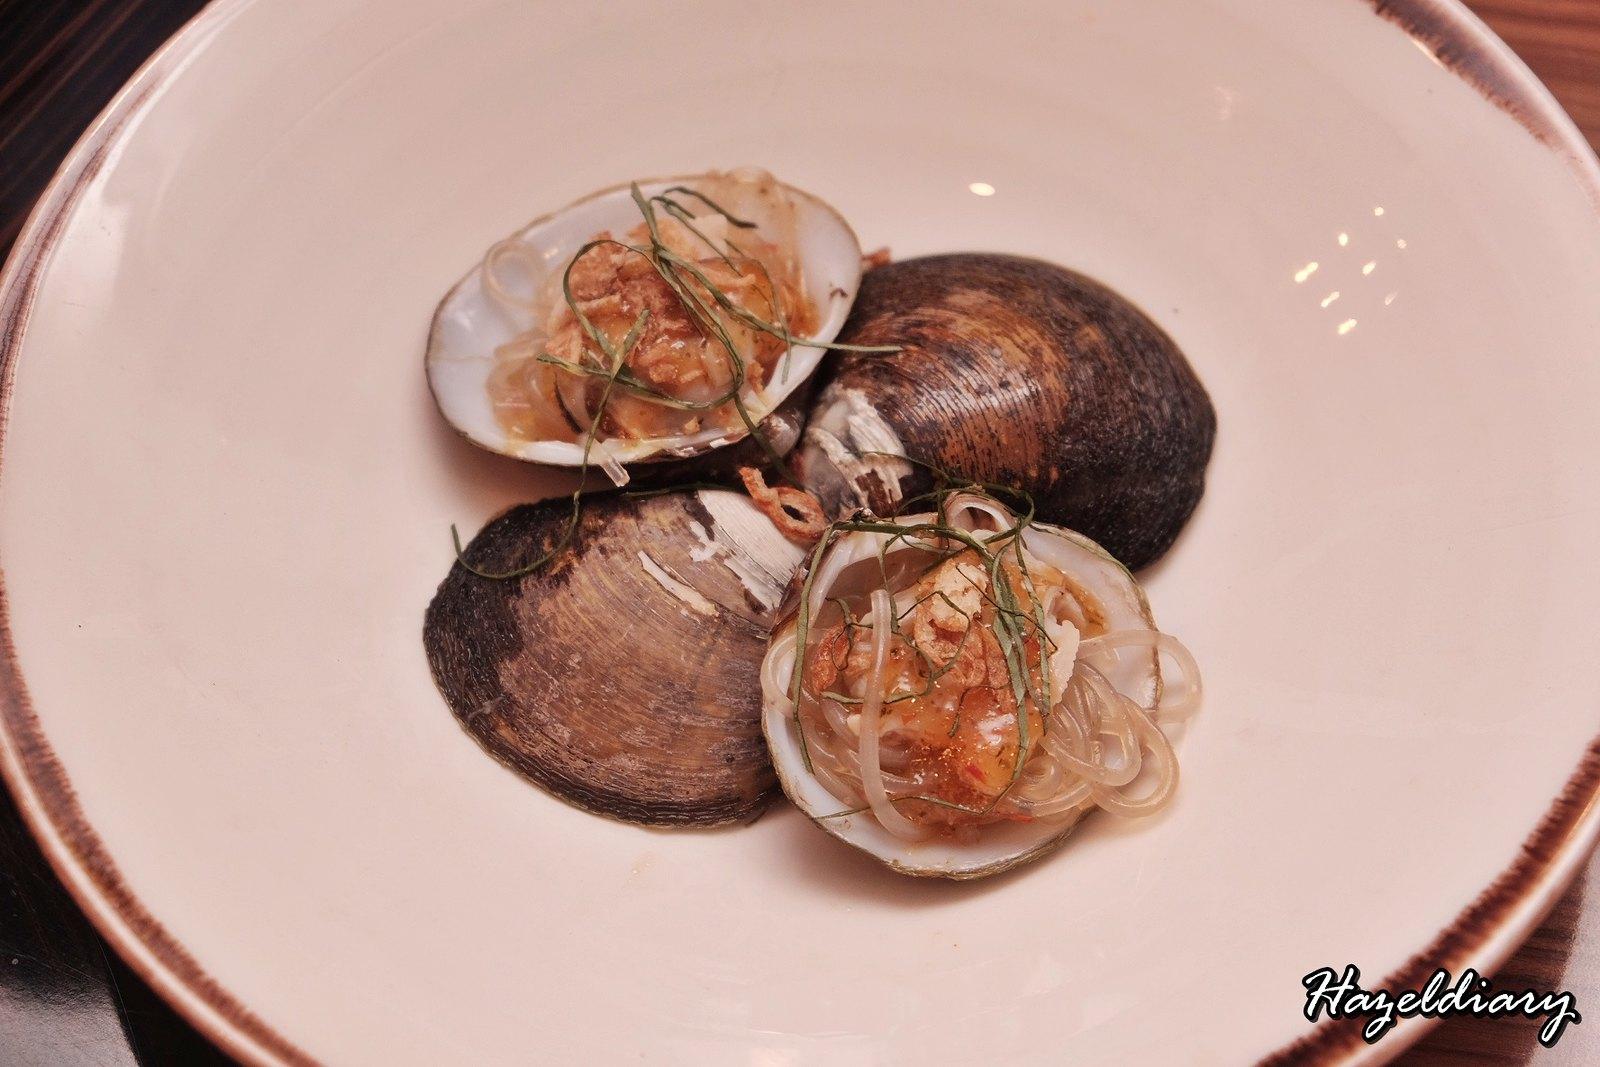 Porta x Ah Hua Kelong Fish Farm-Clams